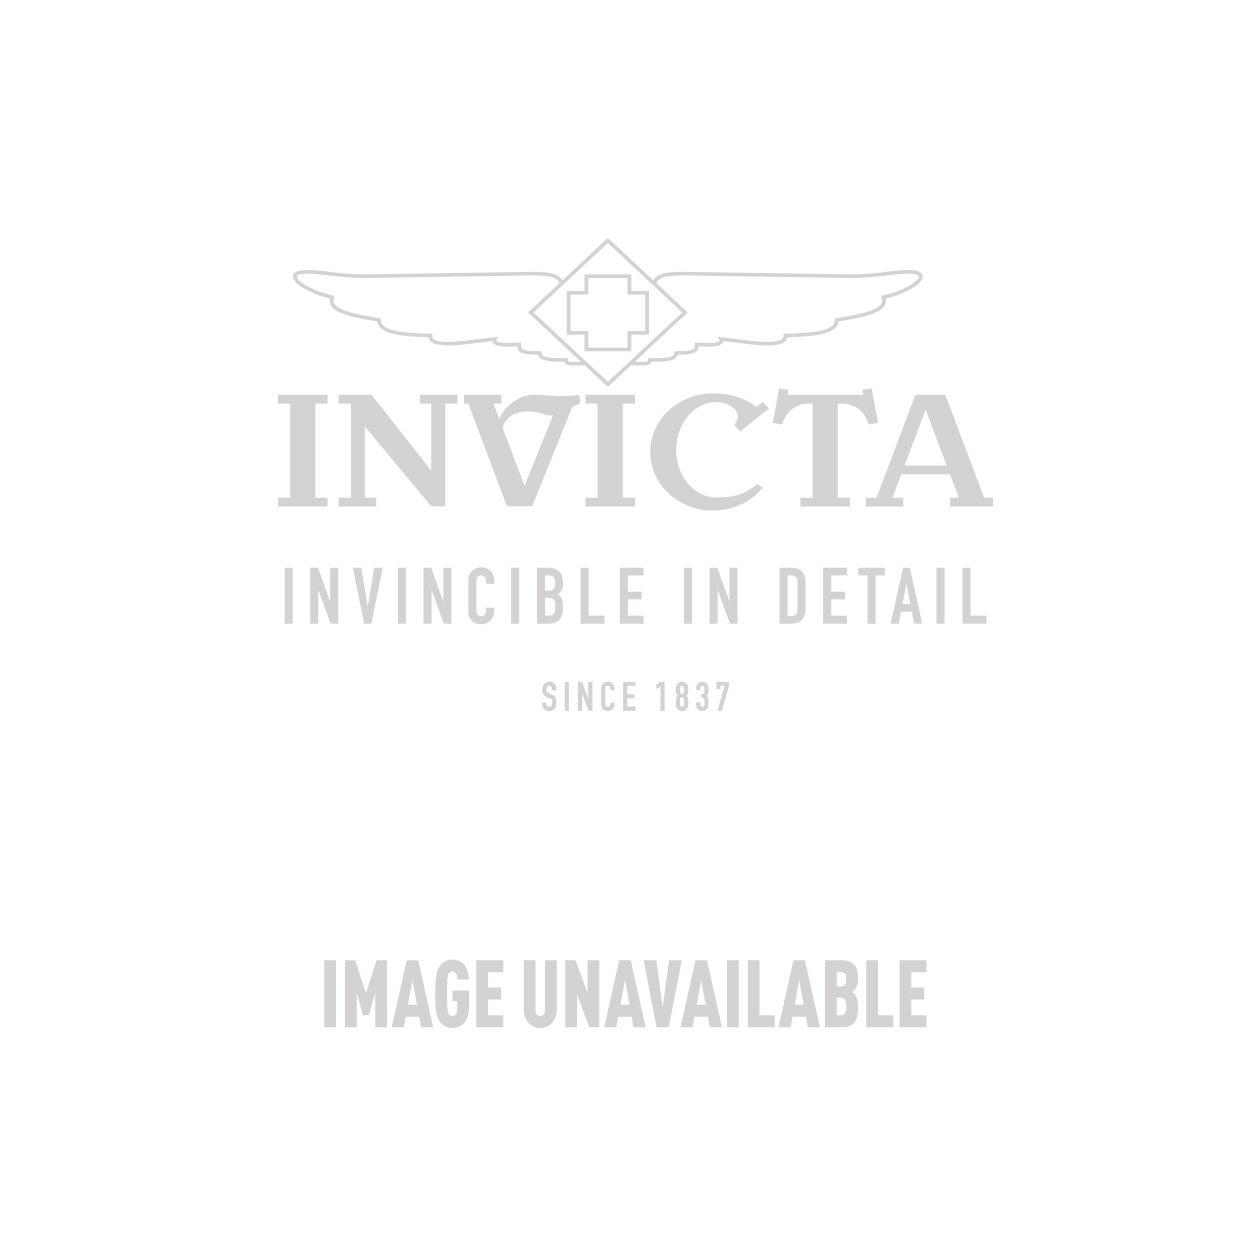 Invicta Model 23737